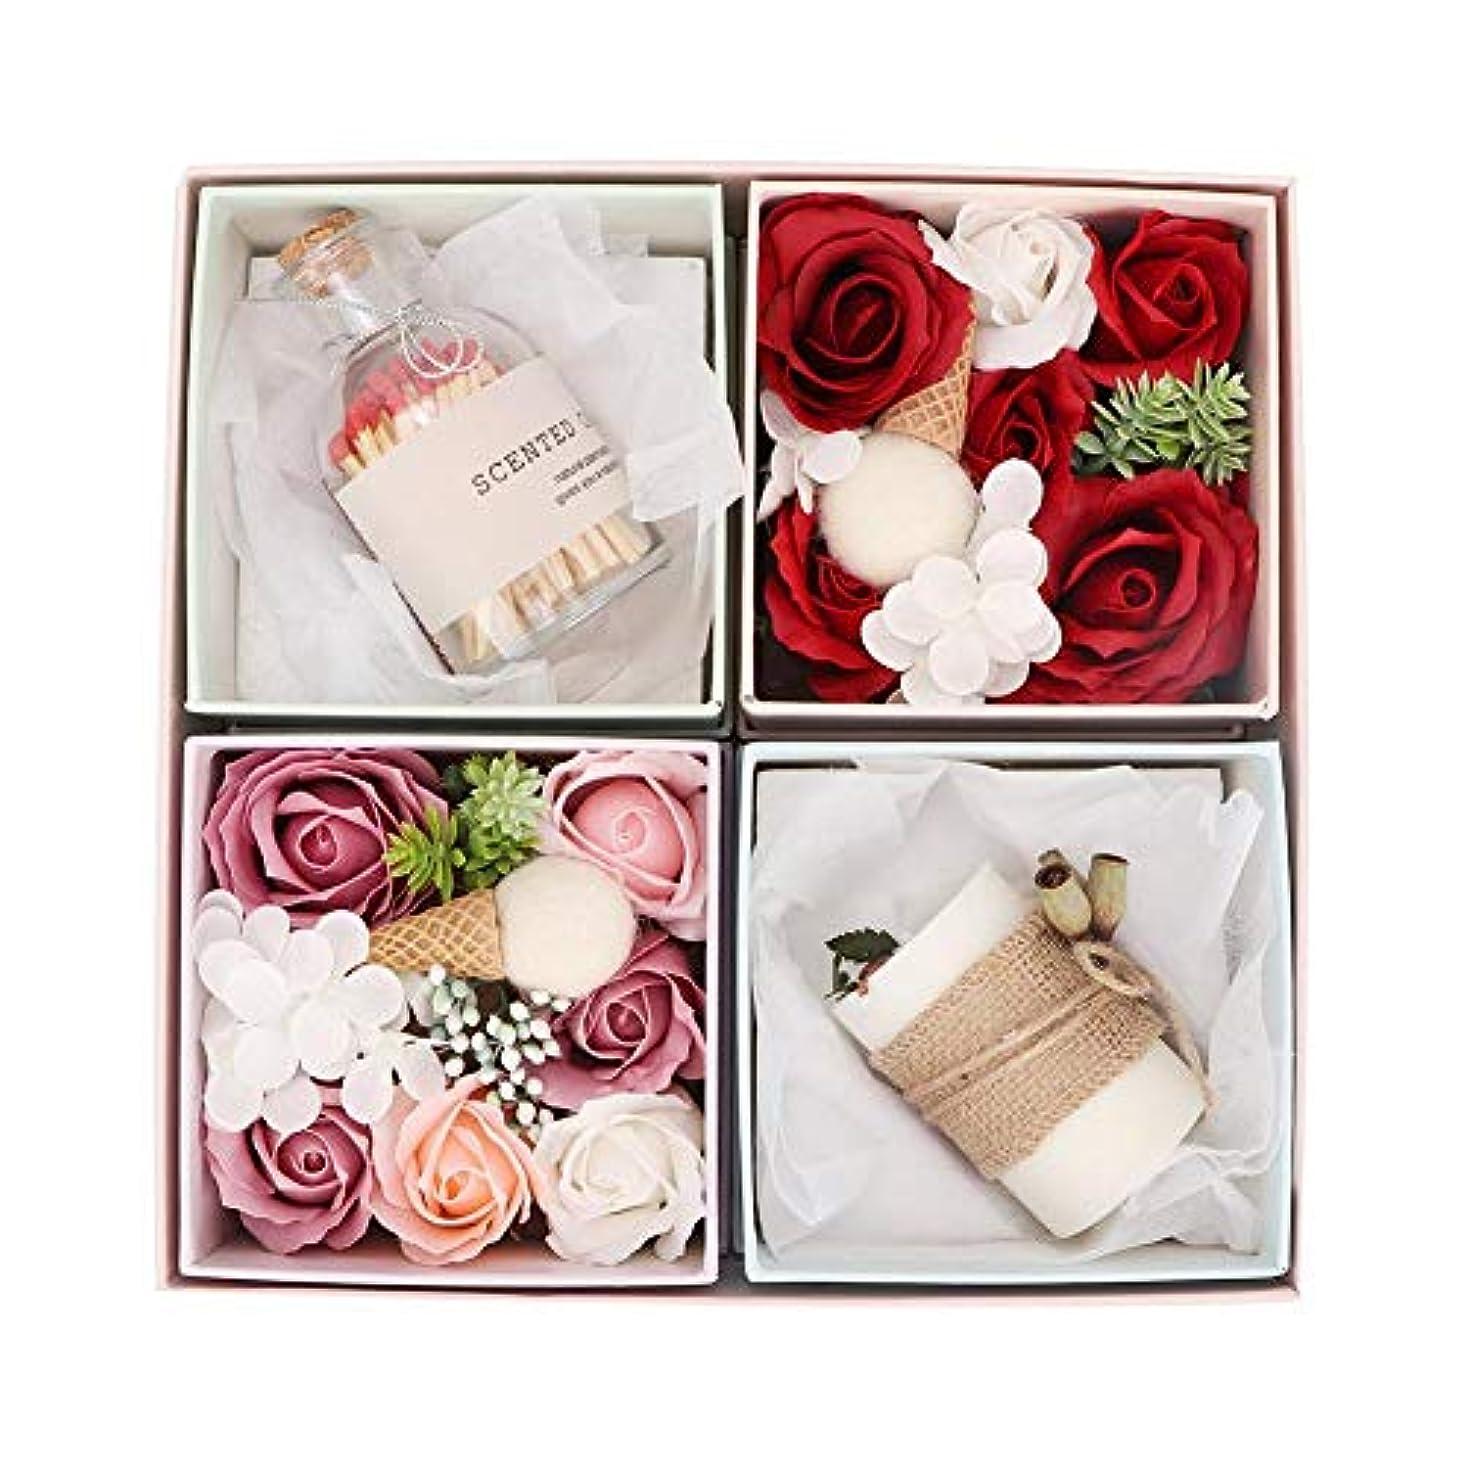 ことわざ活性化する誠意石鹸のギフトボックス、繊細な手作りのバラの花の石鹸の香りのキャンドルボックスバレンタインの日、誕生日のロマンチックなギフト